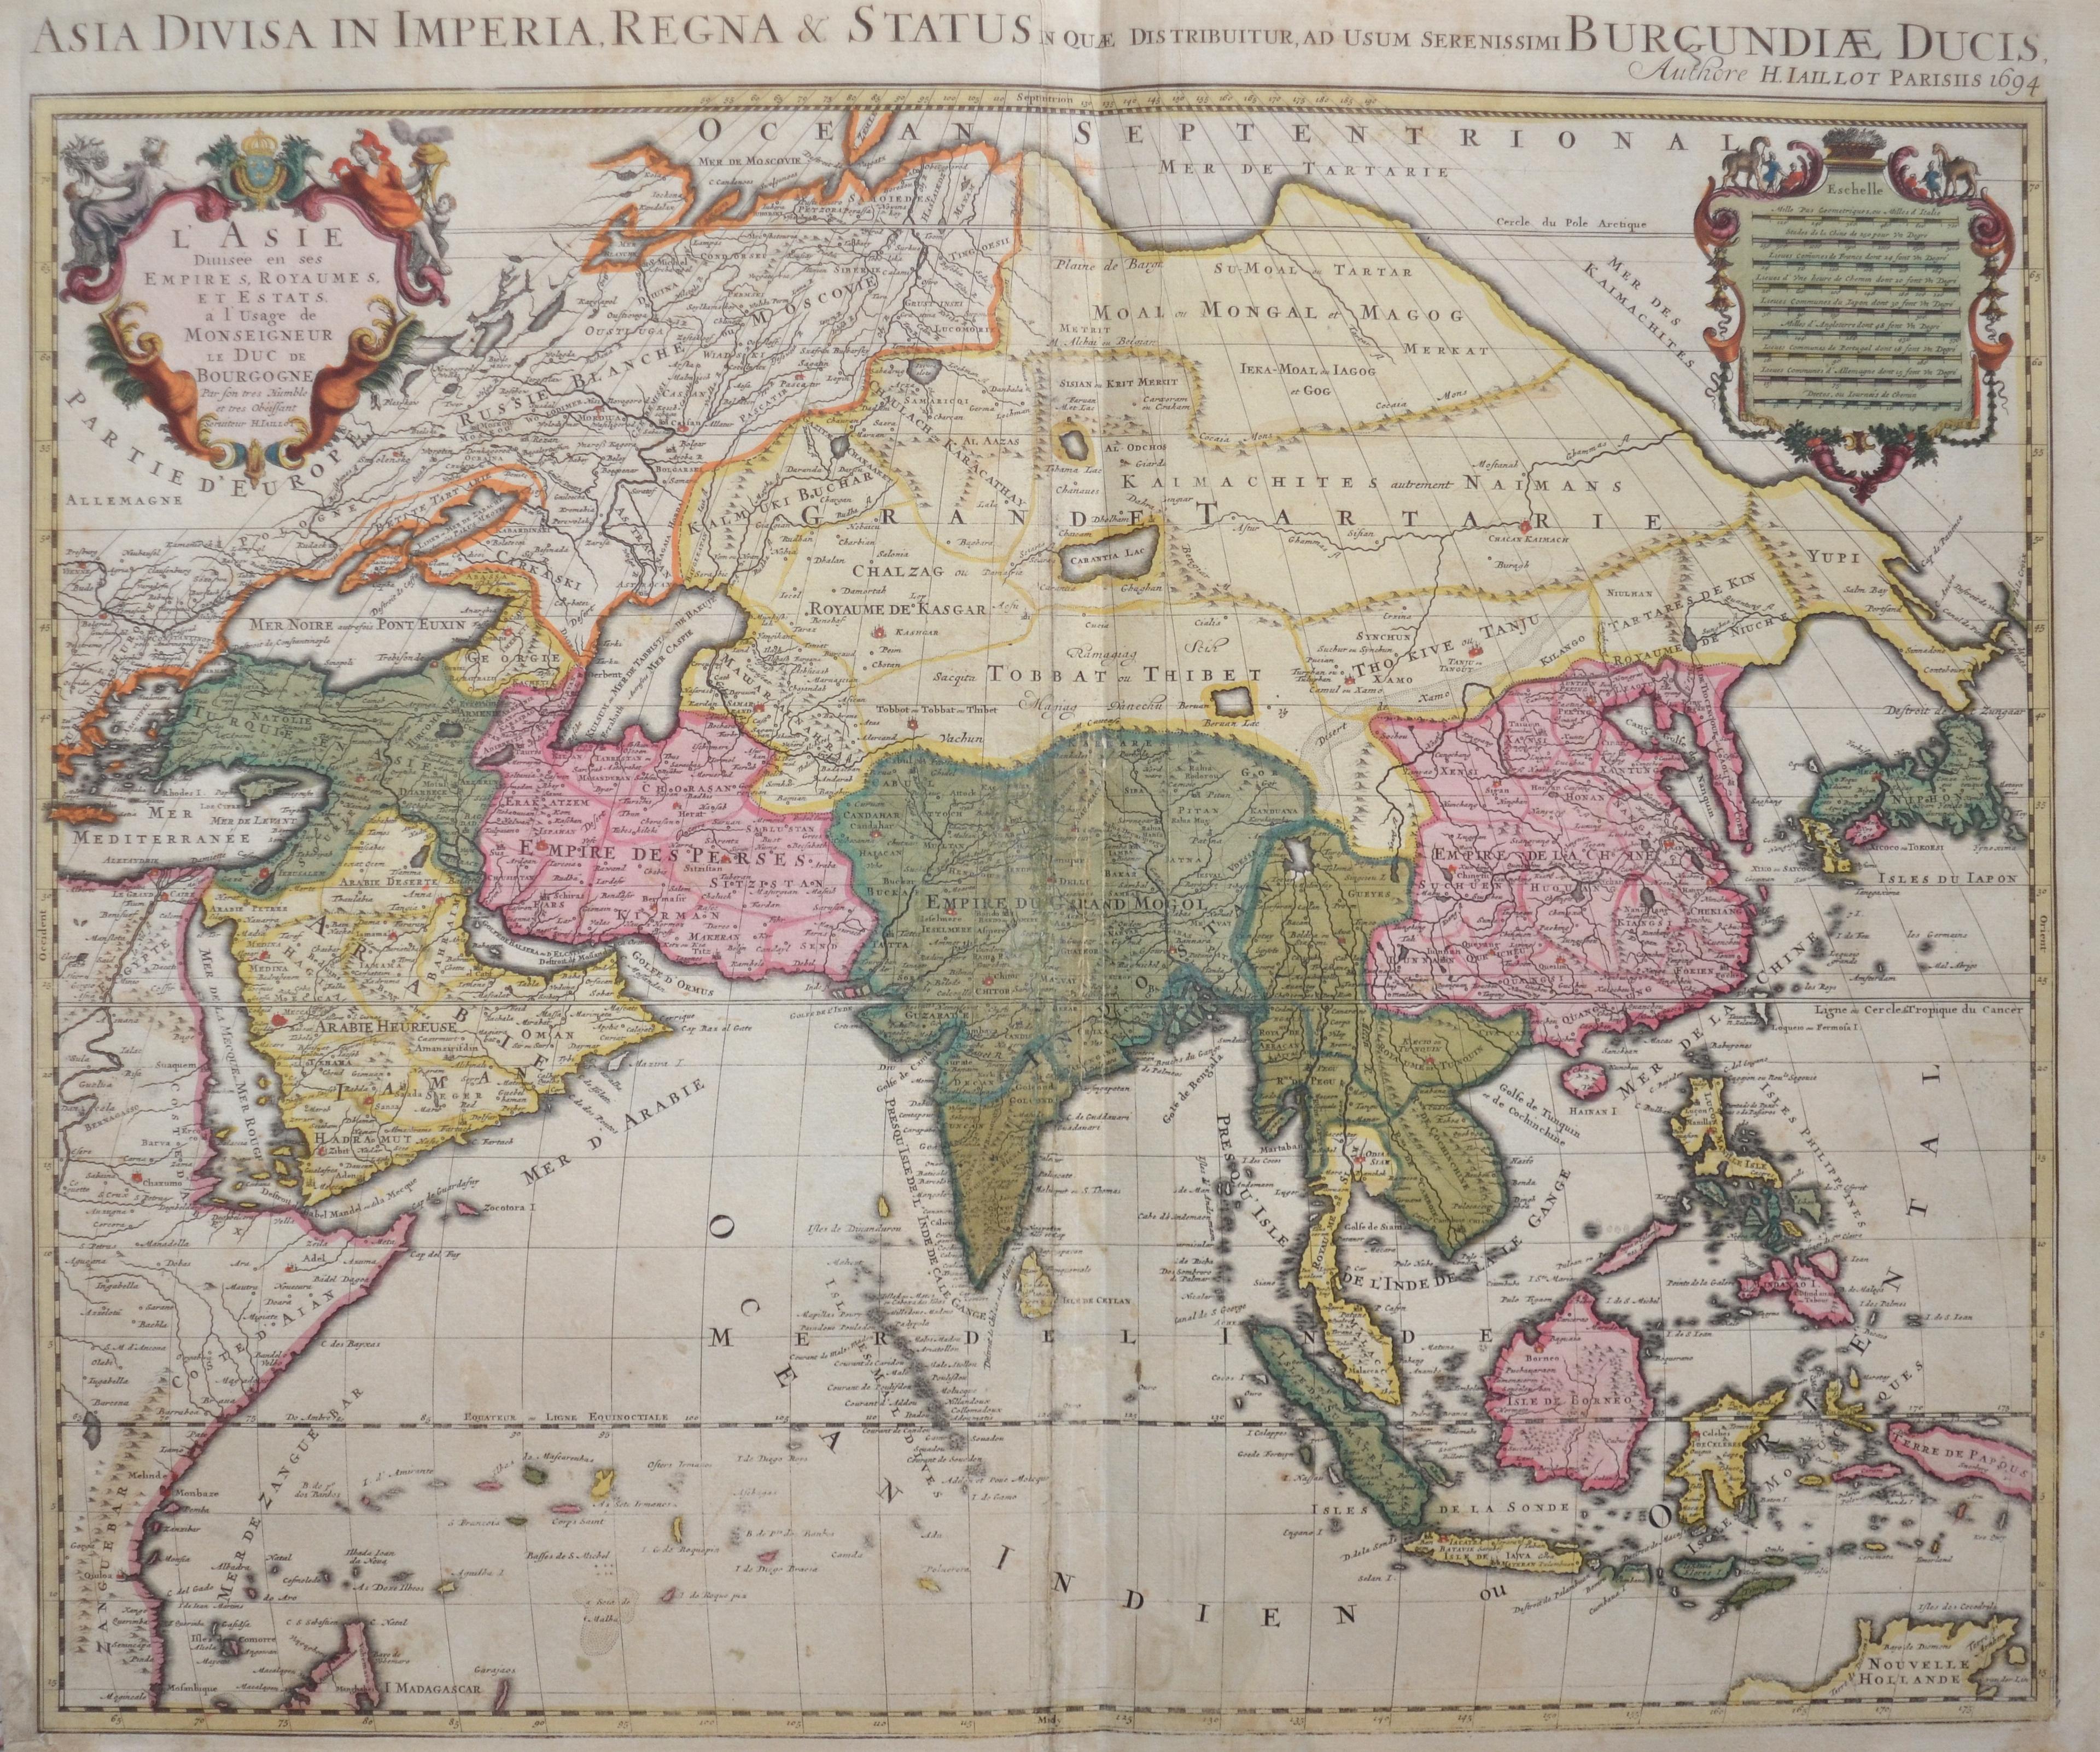 Jaillot  Asia Divisa in Imperia, Regna & Status in que distribuitur, ad usum serenissimi Burgundiae Ducis,…